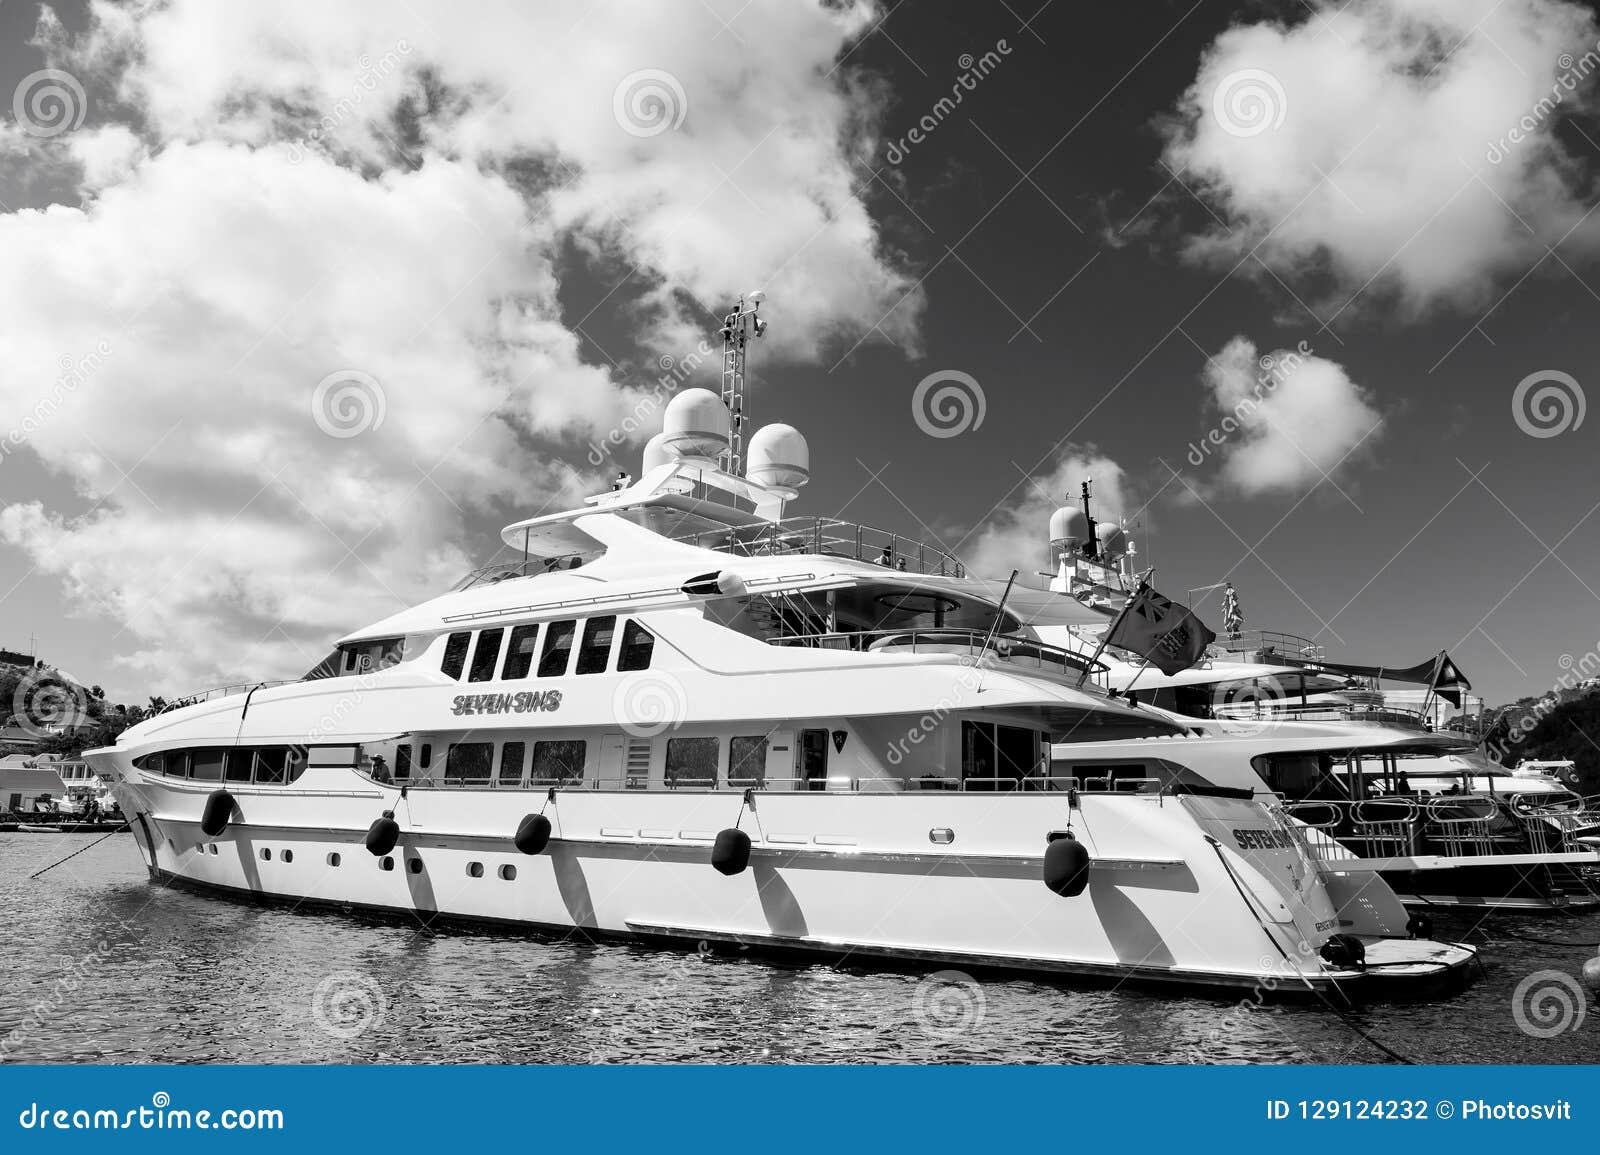 Gustavia, stbarts - 25 de enero de 2016: navegando, viaje de lujo en el yate Yates anclados en el embarcadero del mar en la playa